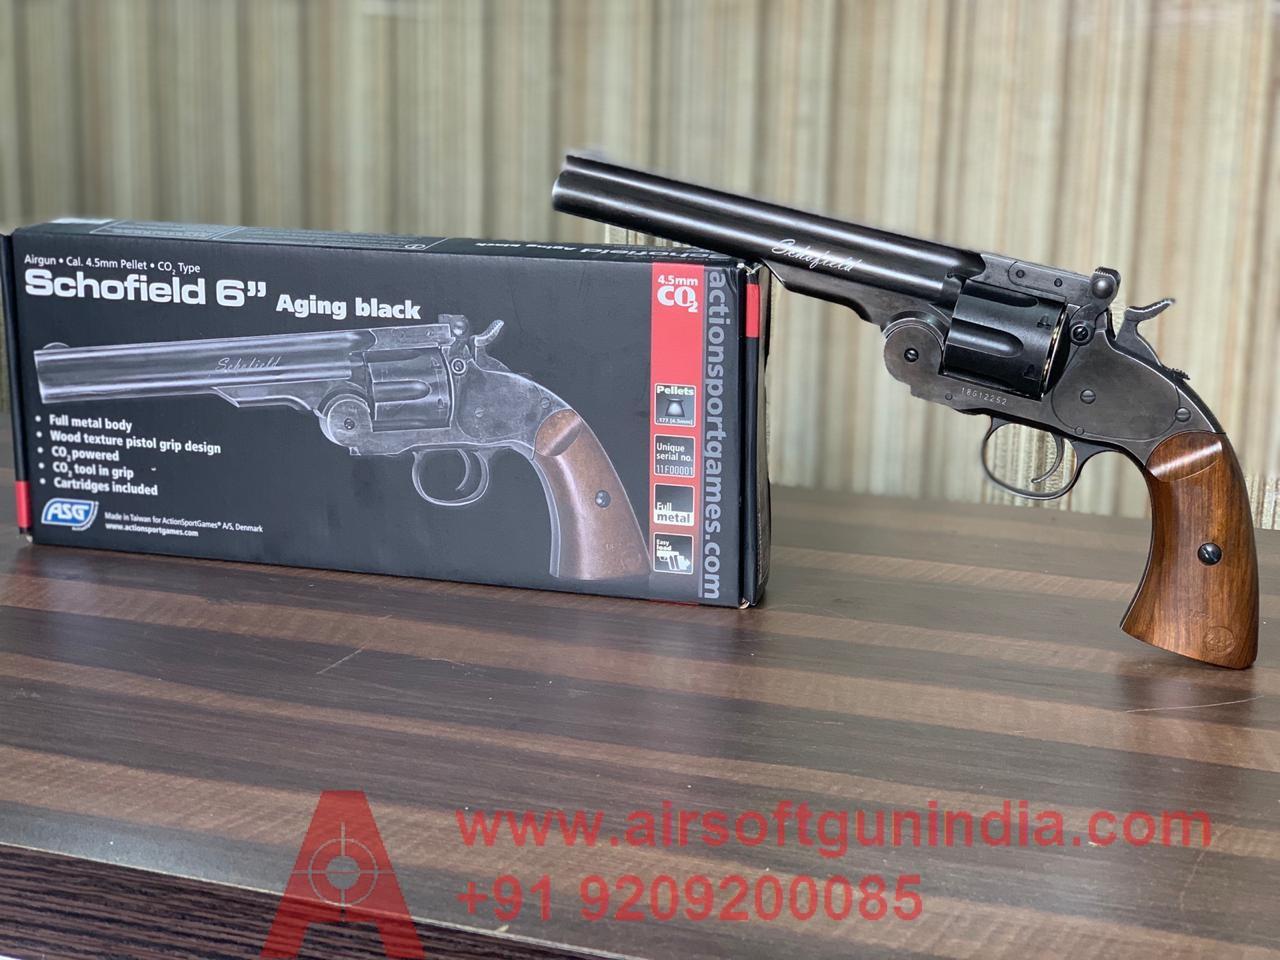 """Schofield 6"""" Pellet Revolver Black By Airsoft Gun India"""